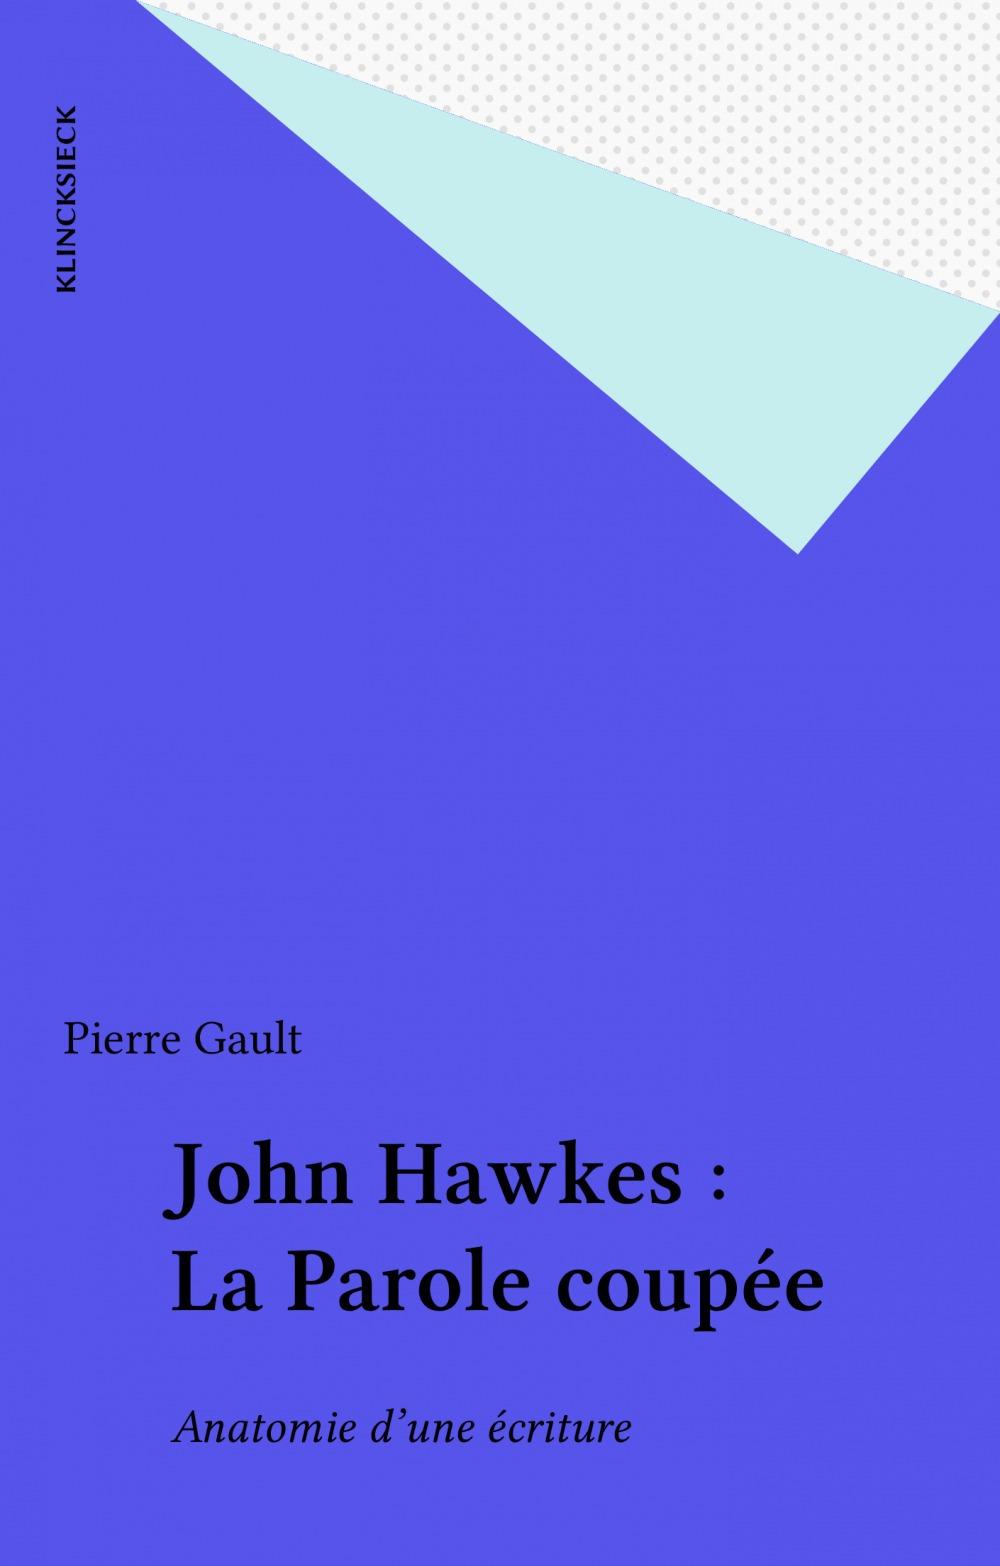 John Hawkes : La Parole coupée